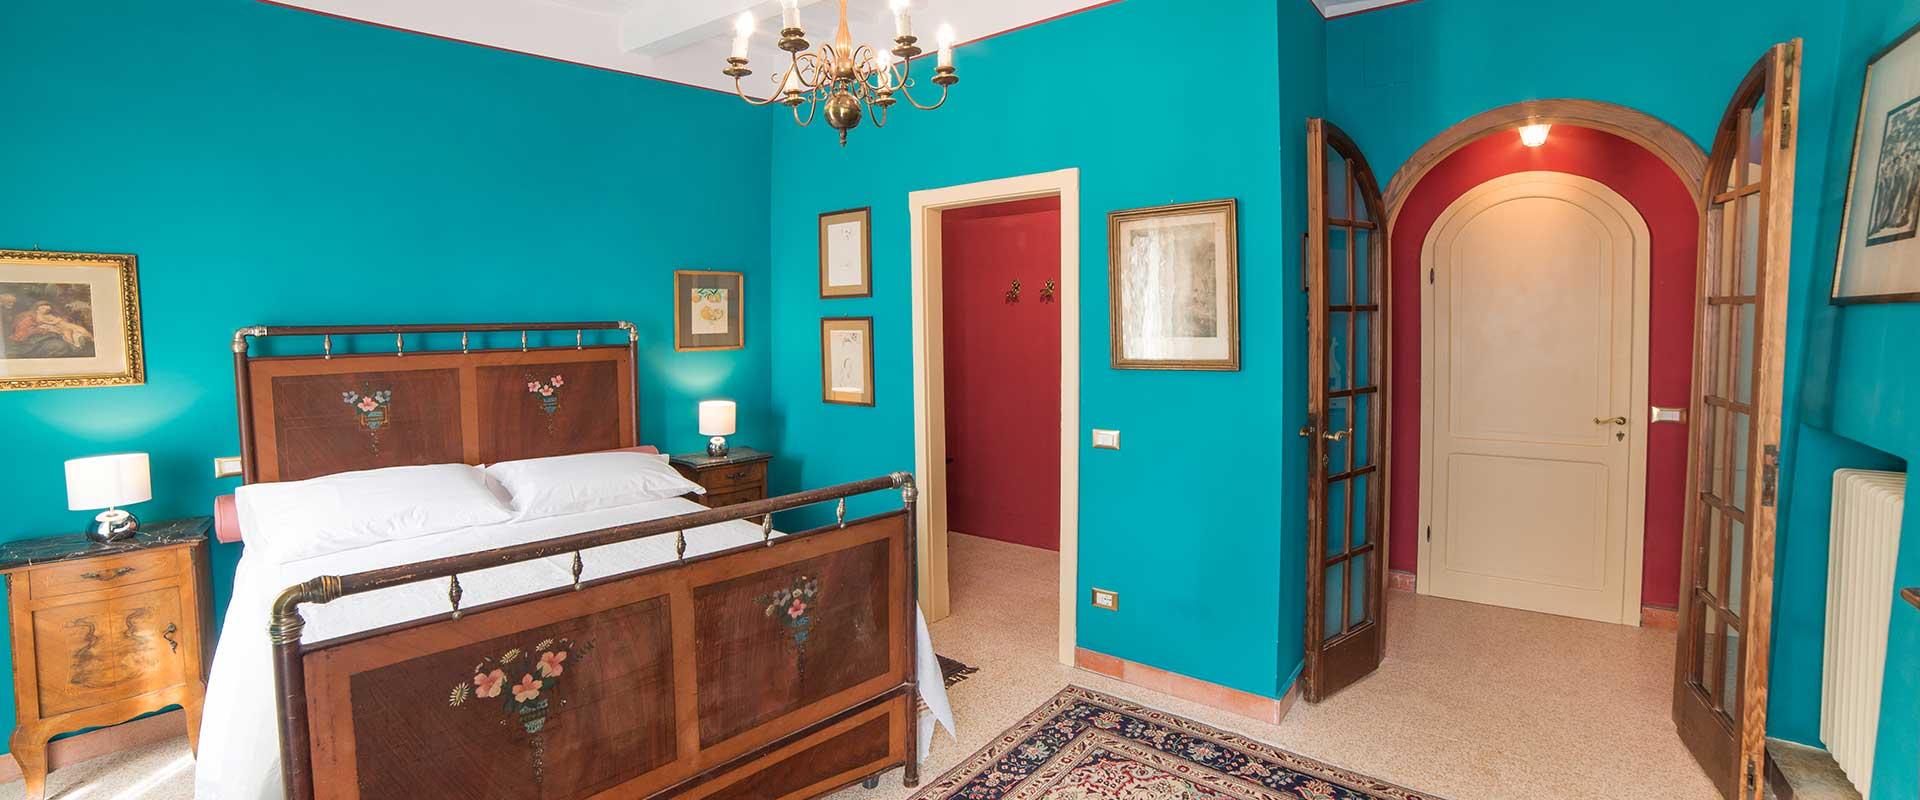 La Viola B&B Assisi - Camera Turchese nel centro di Assisi